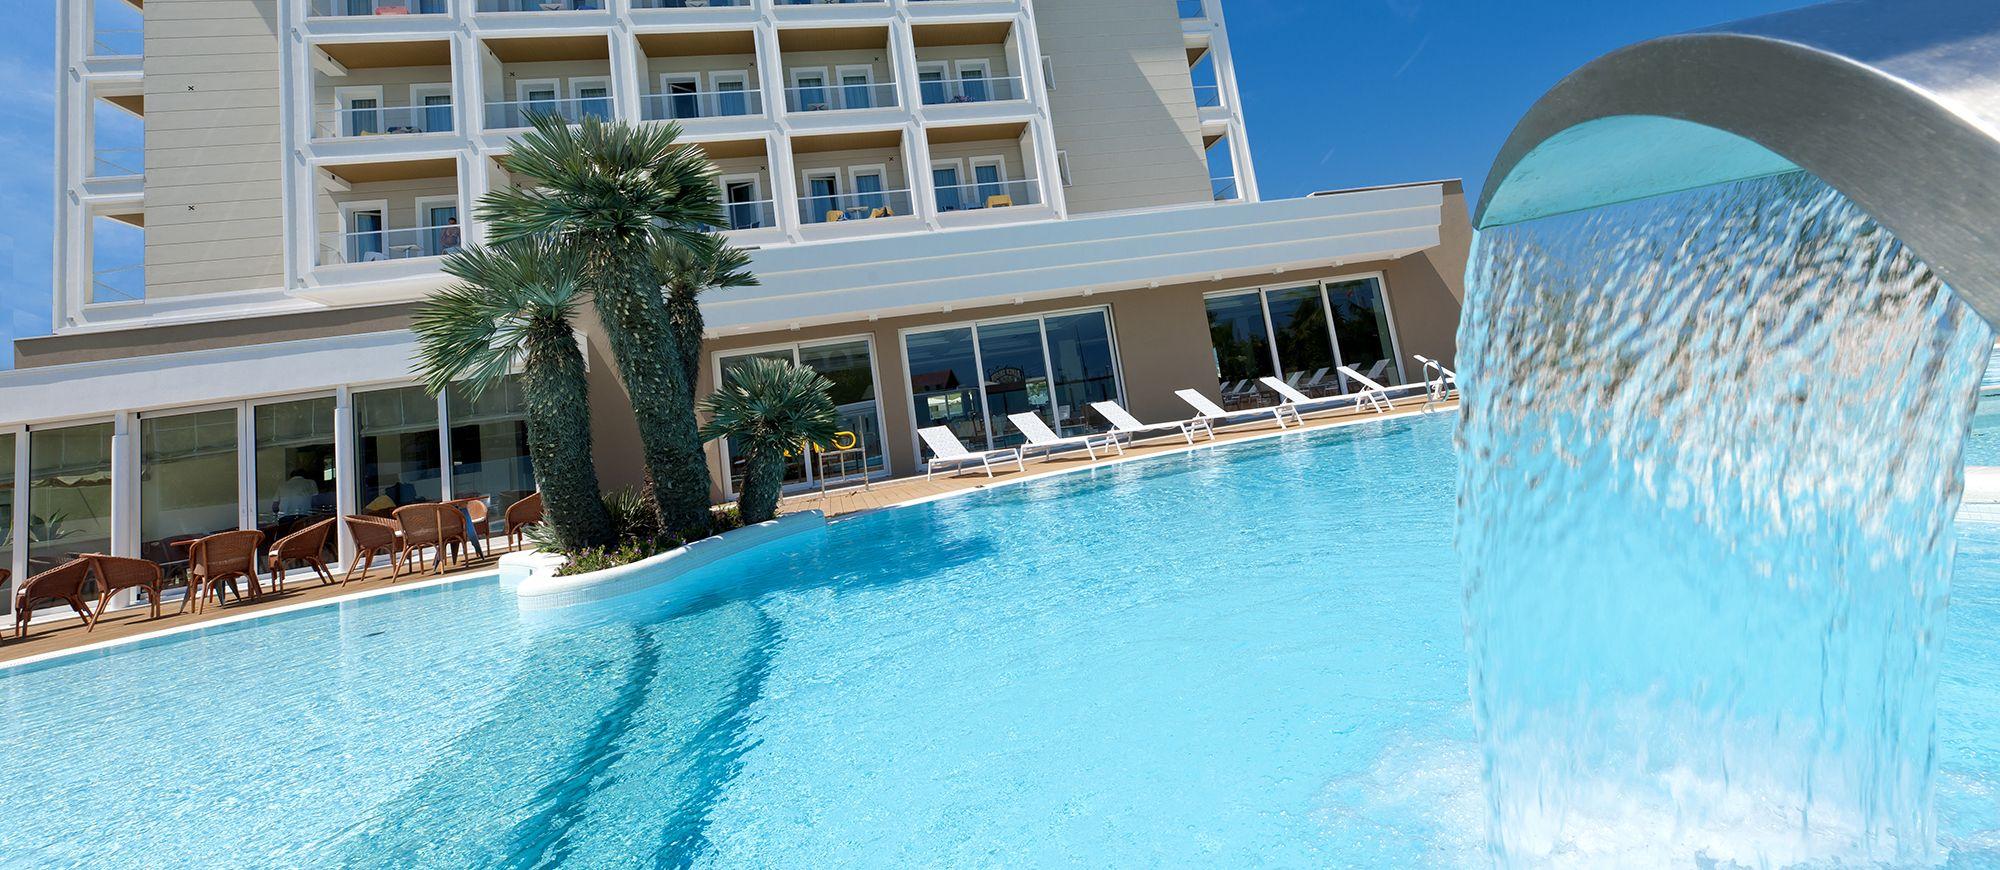 Hotel riccione con piscina alberghi piscina riscaldata - Champoluc hotel con piscina ...